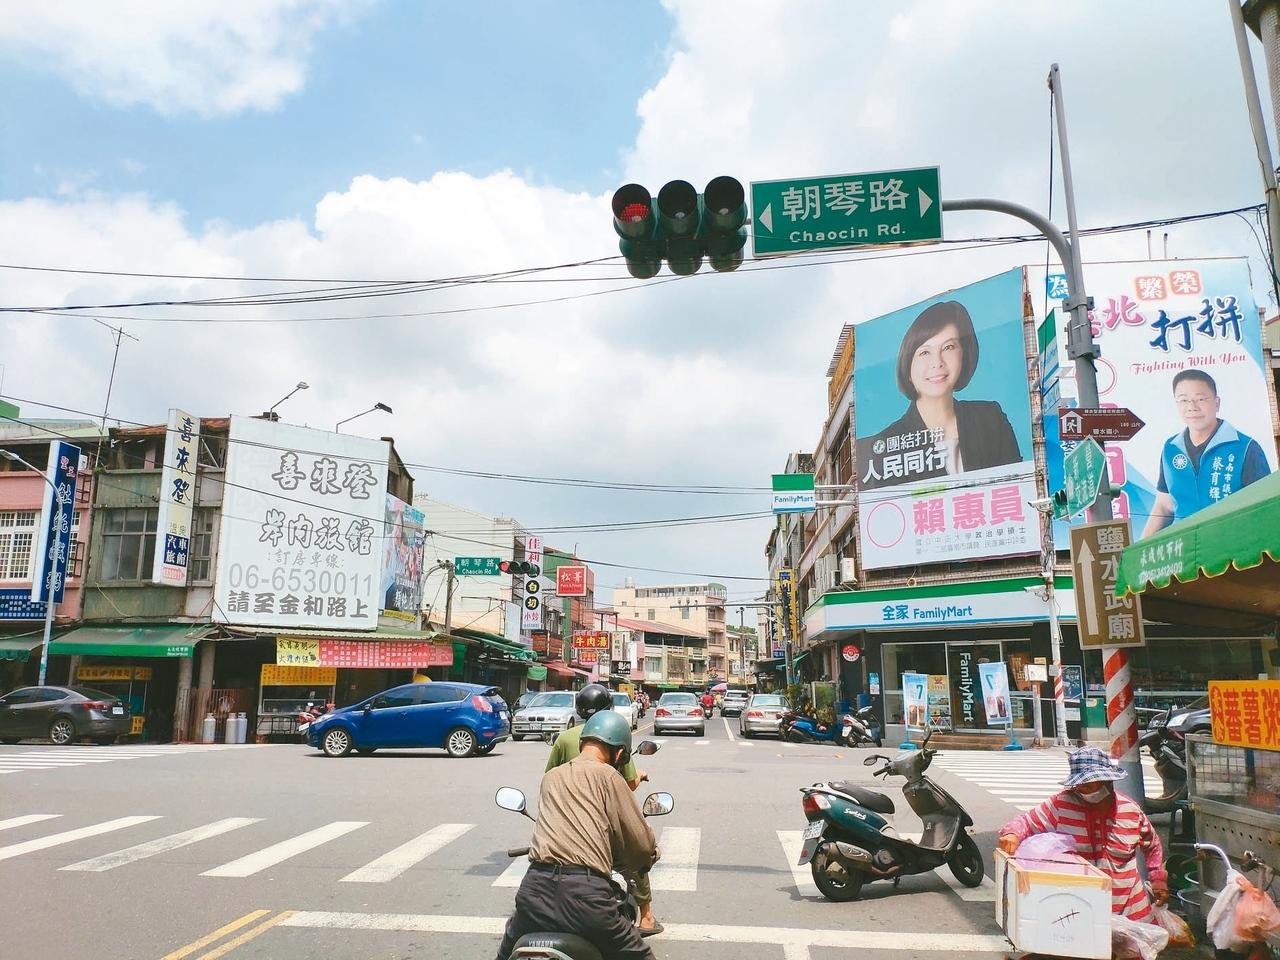 台南市鹽水區的朝琴路,是紀念出身鹽水的前省議會議長黃朝琴而命名。 記者謝進盛/攝影